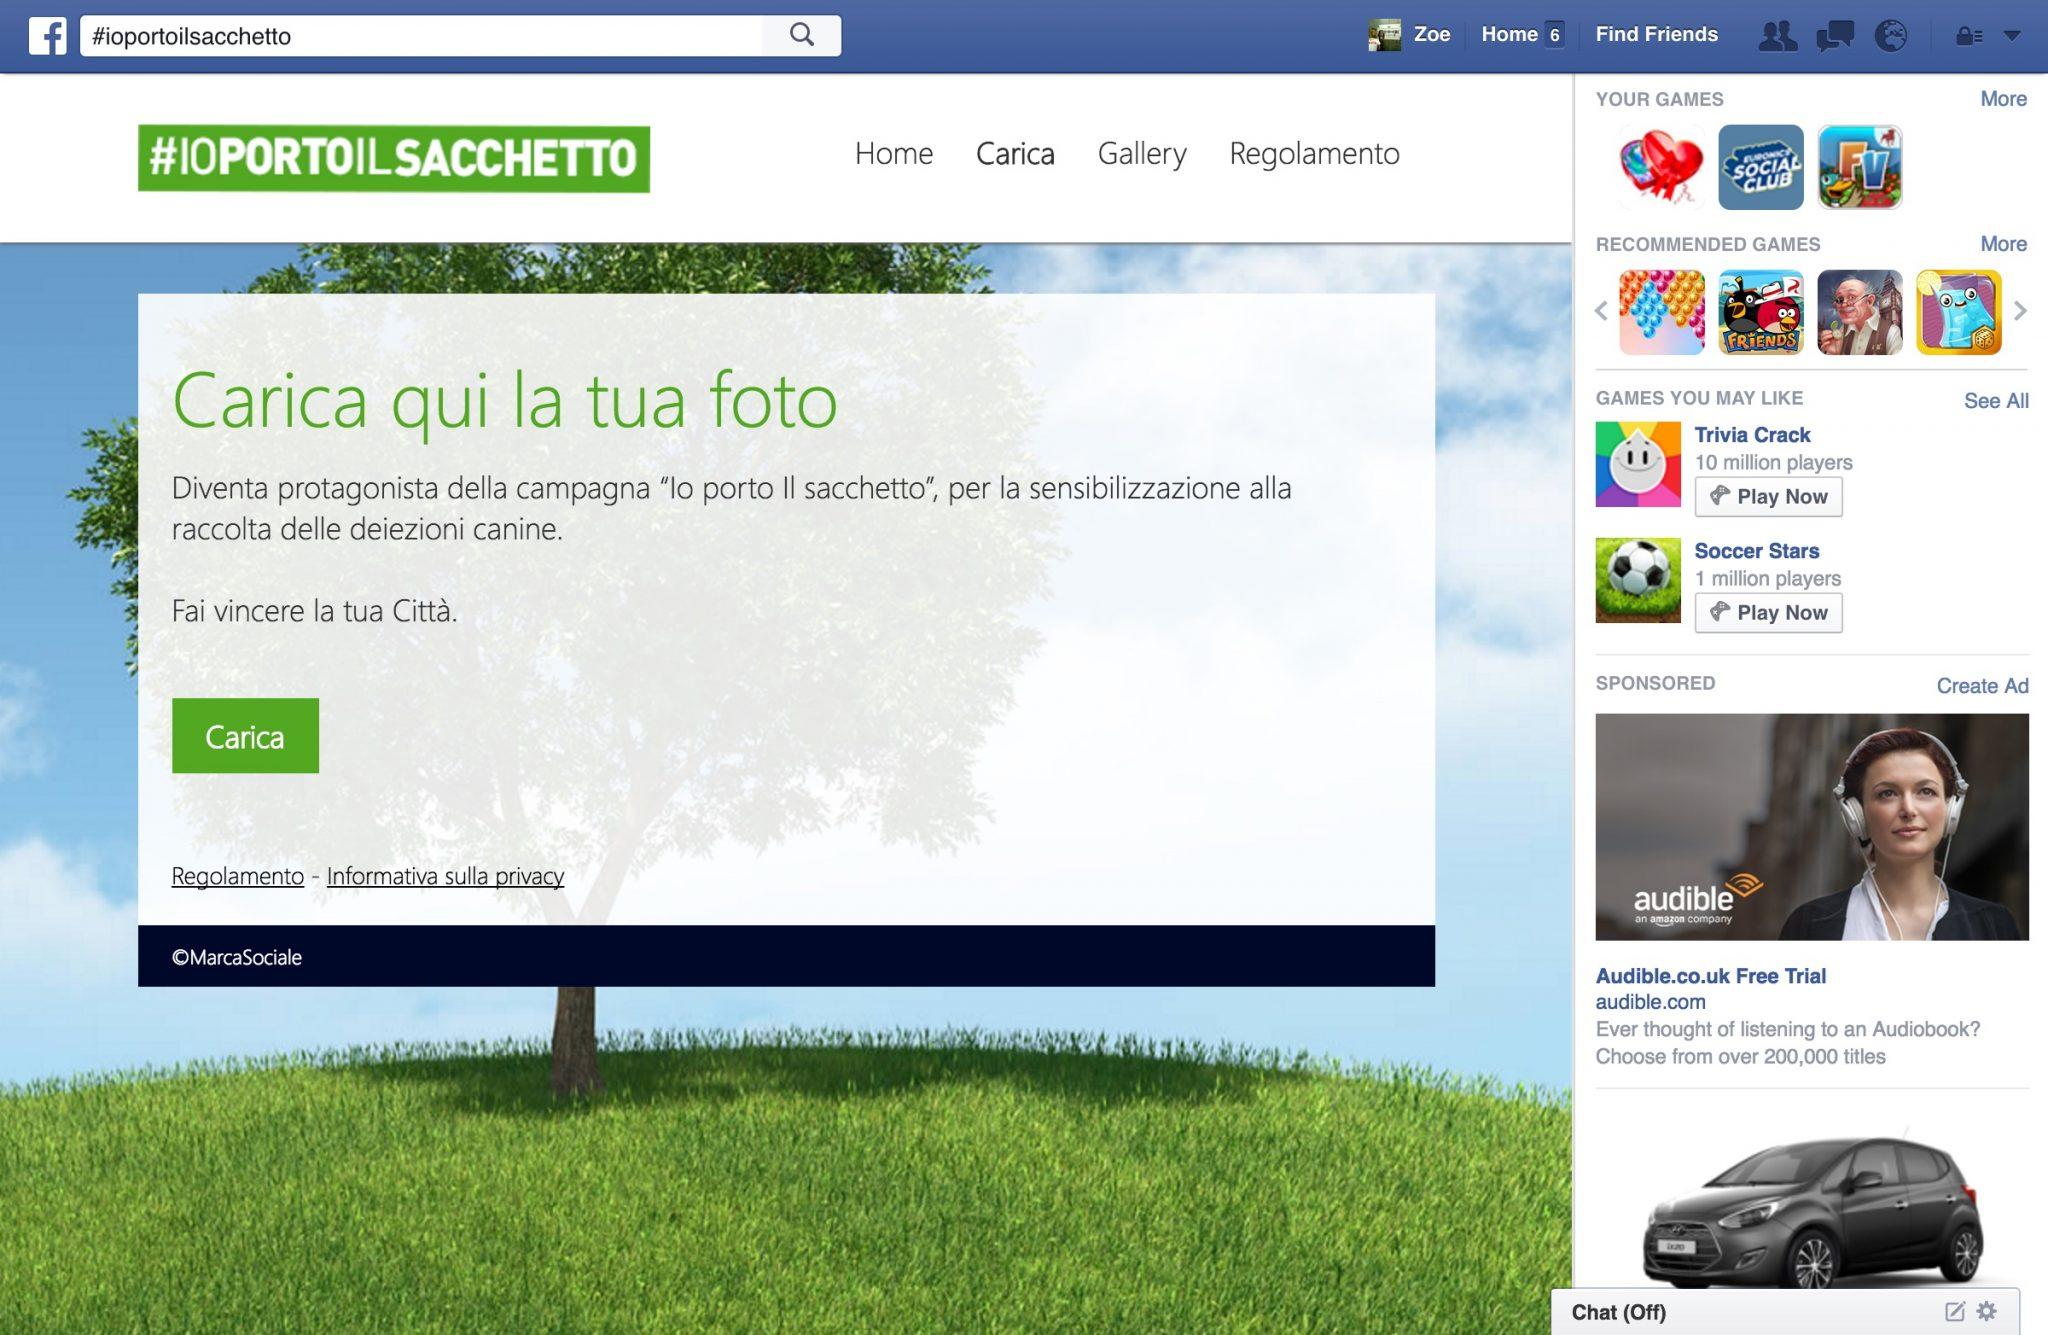 -ioportoilsacchetto on Facebook5